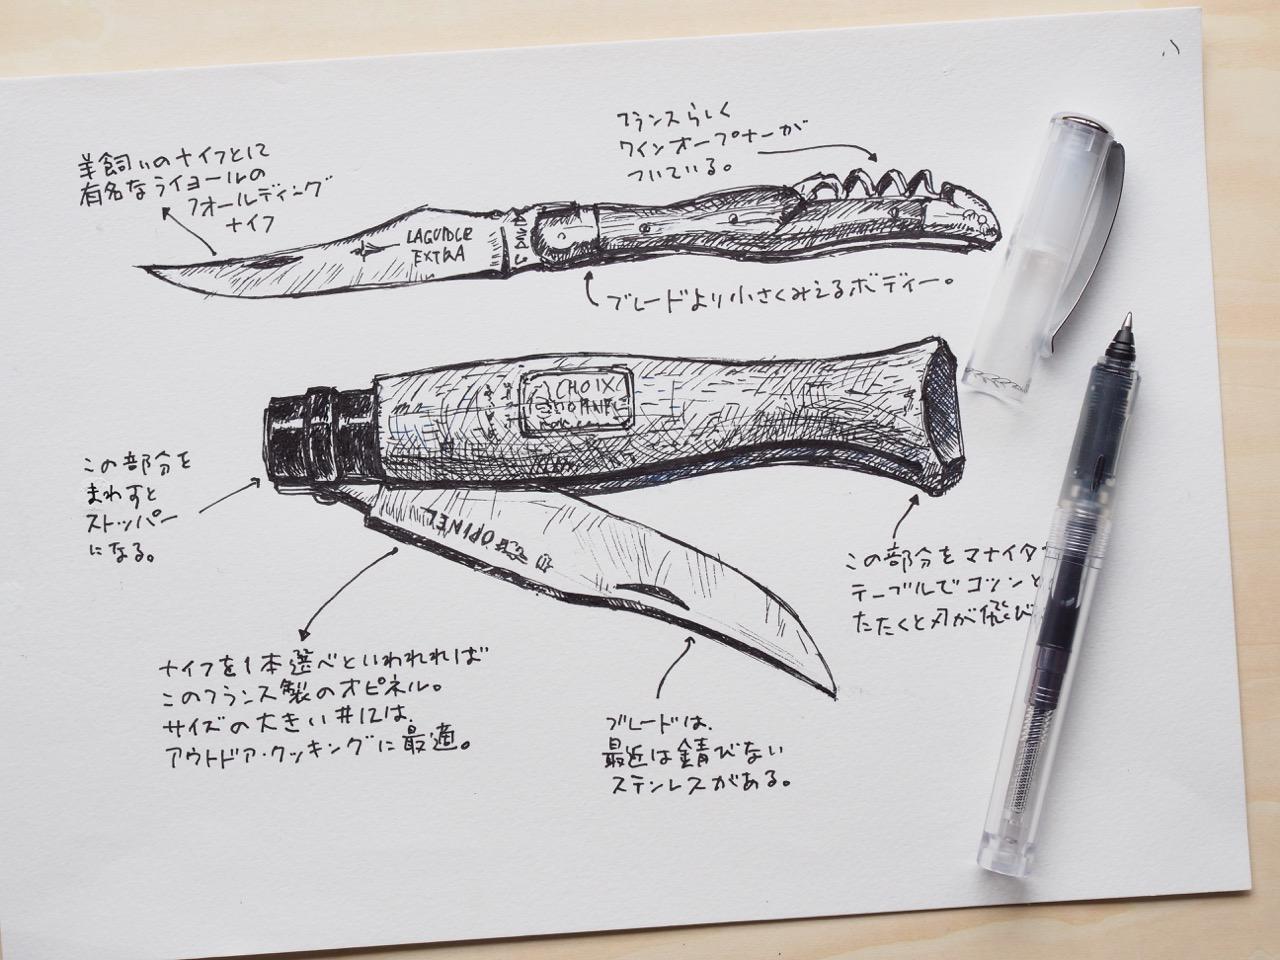 ローラーボールペンという筆記具